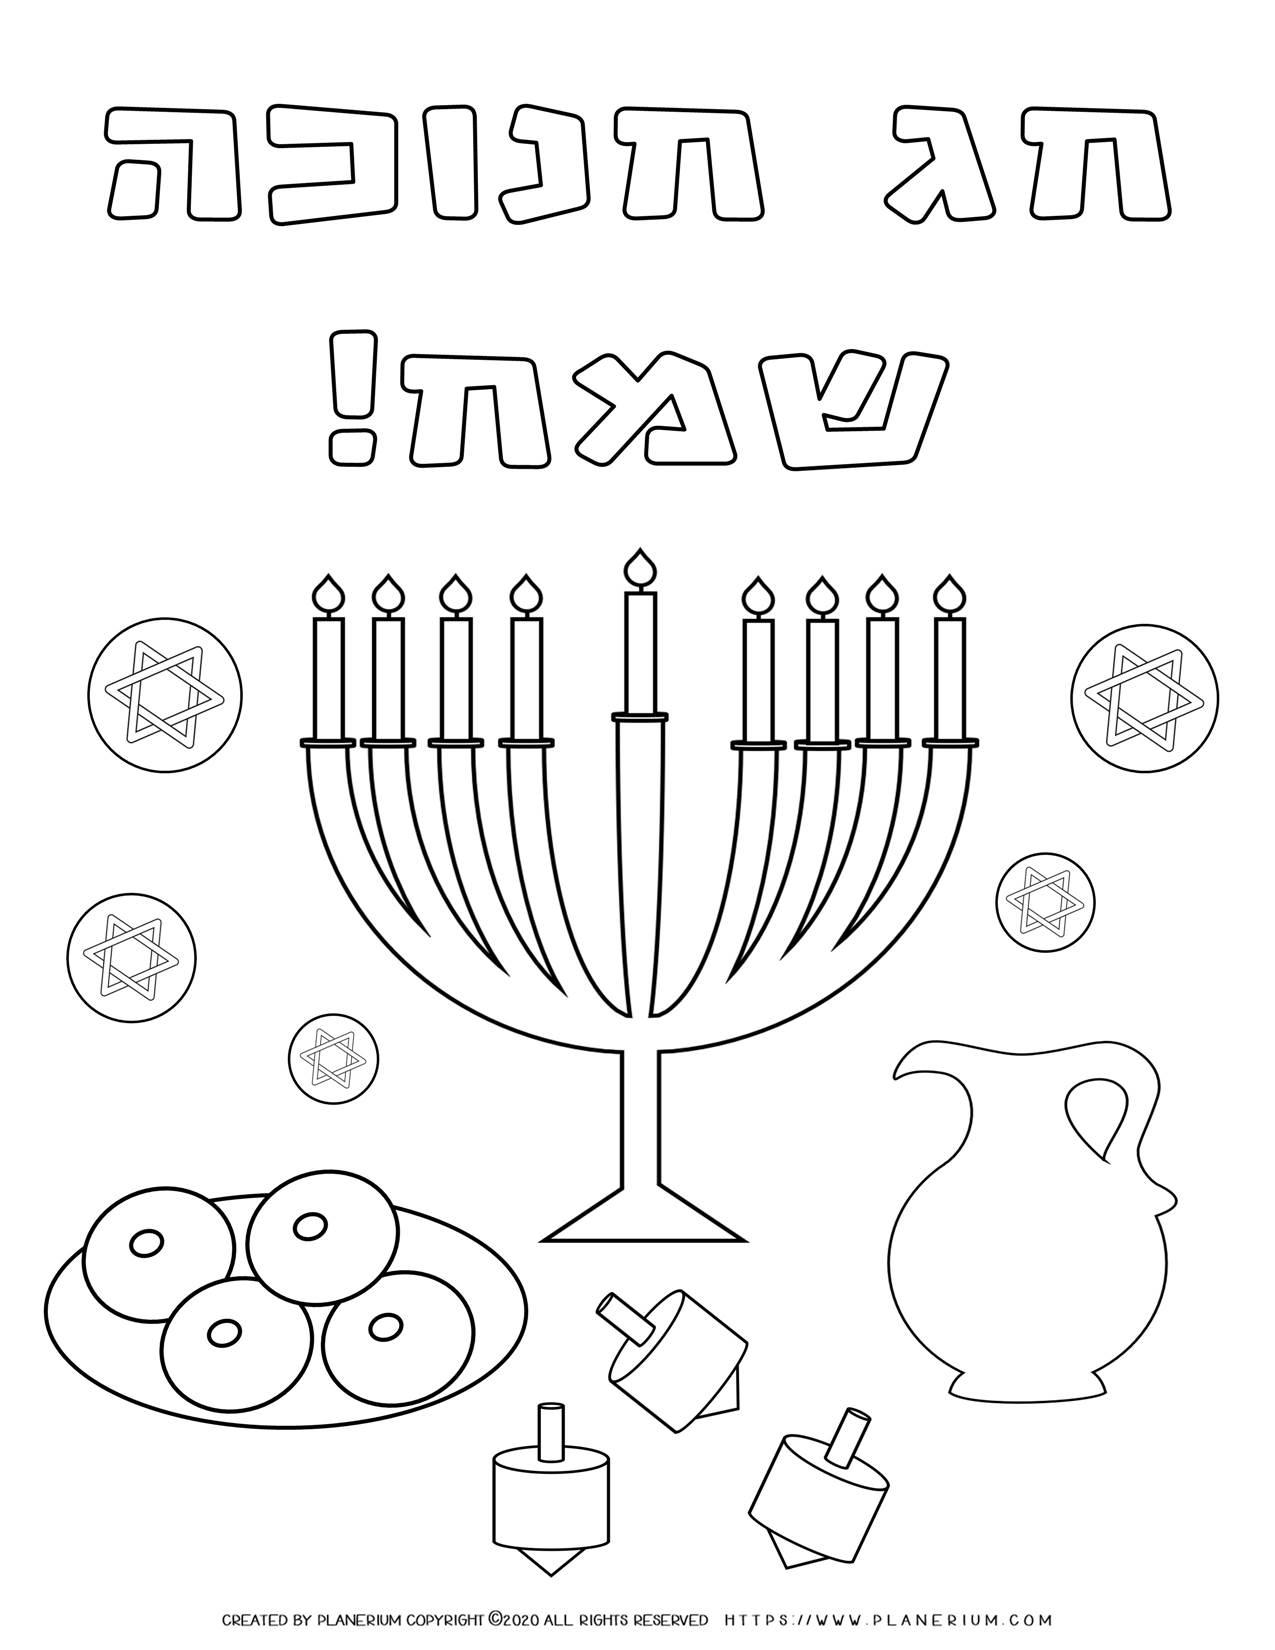 Happy Hanukkah - Free Coloring Page - Hebrew | Planerium